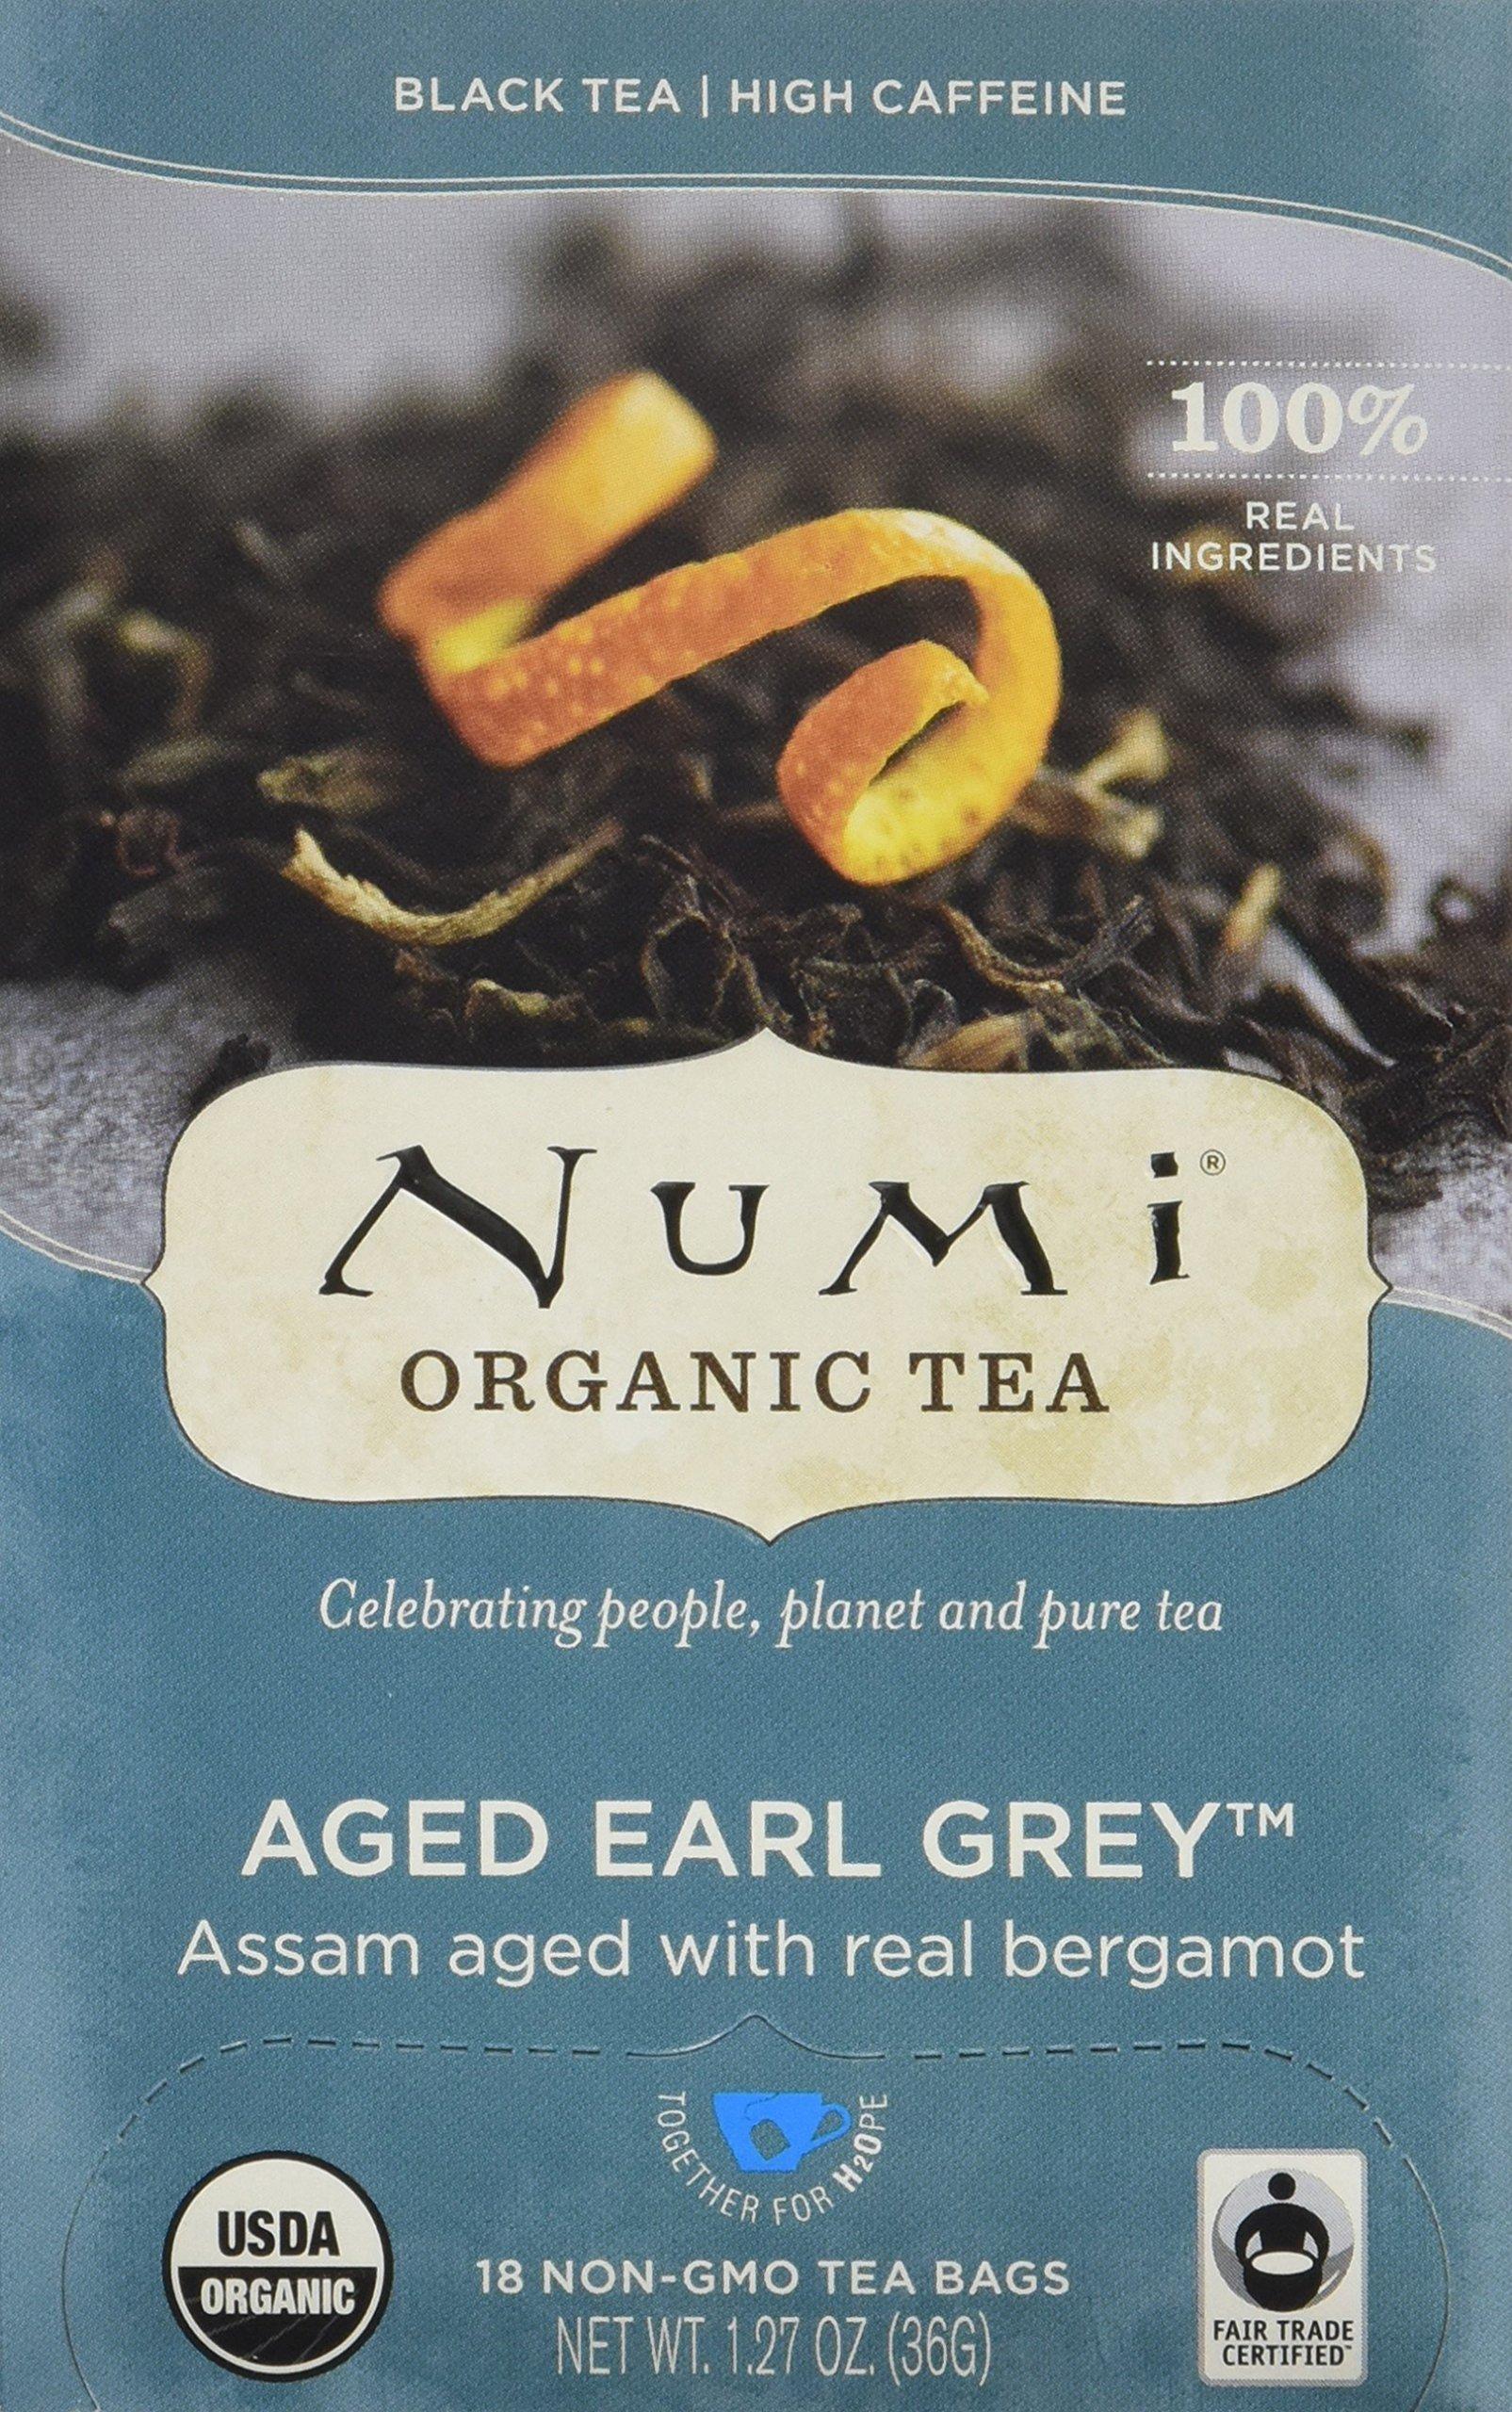 Numi Organic Tea Aged Earl Grey, Full Leaf Black Tea, 18 Count Tea Bags, 1.27 Oz (Pack of 3)